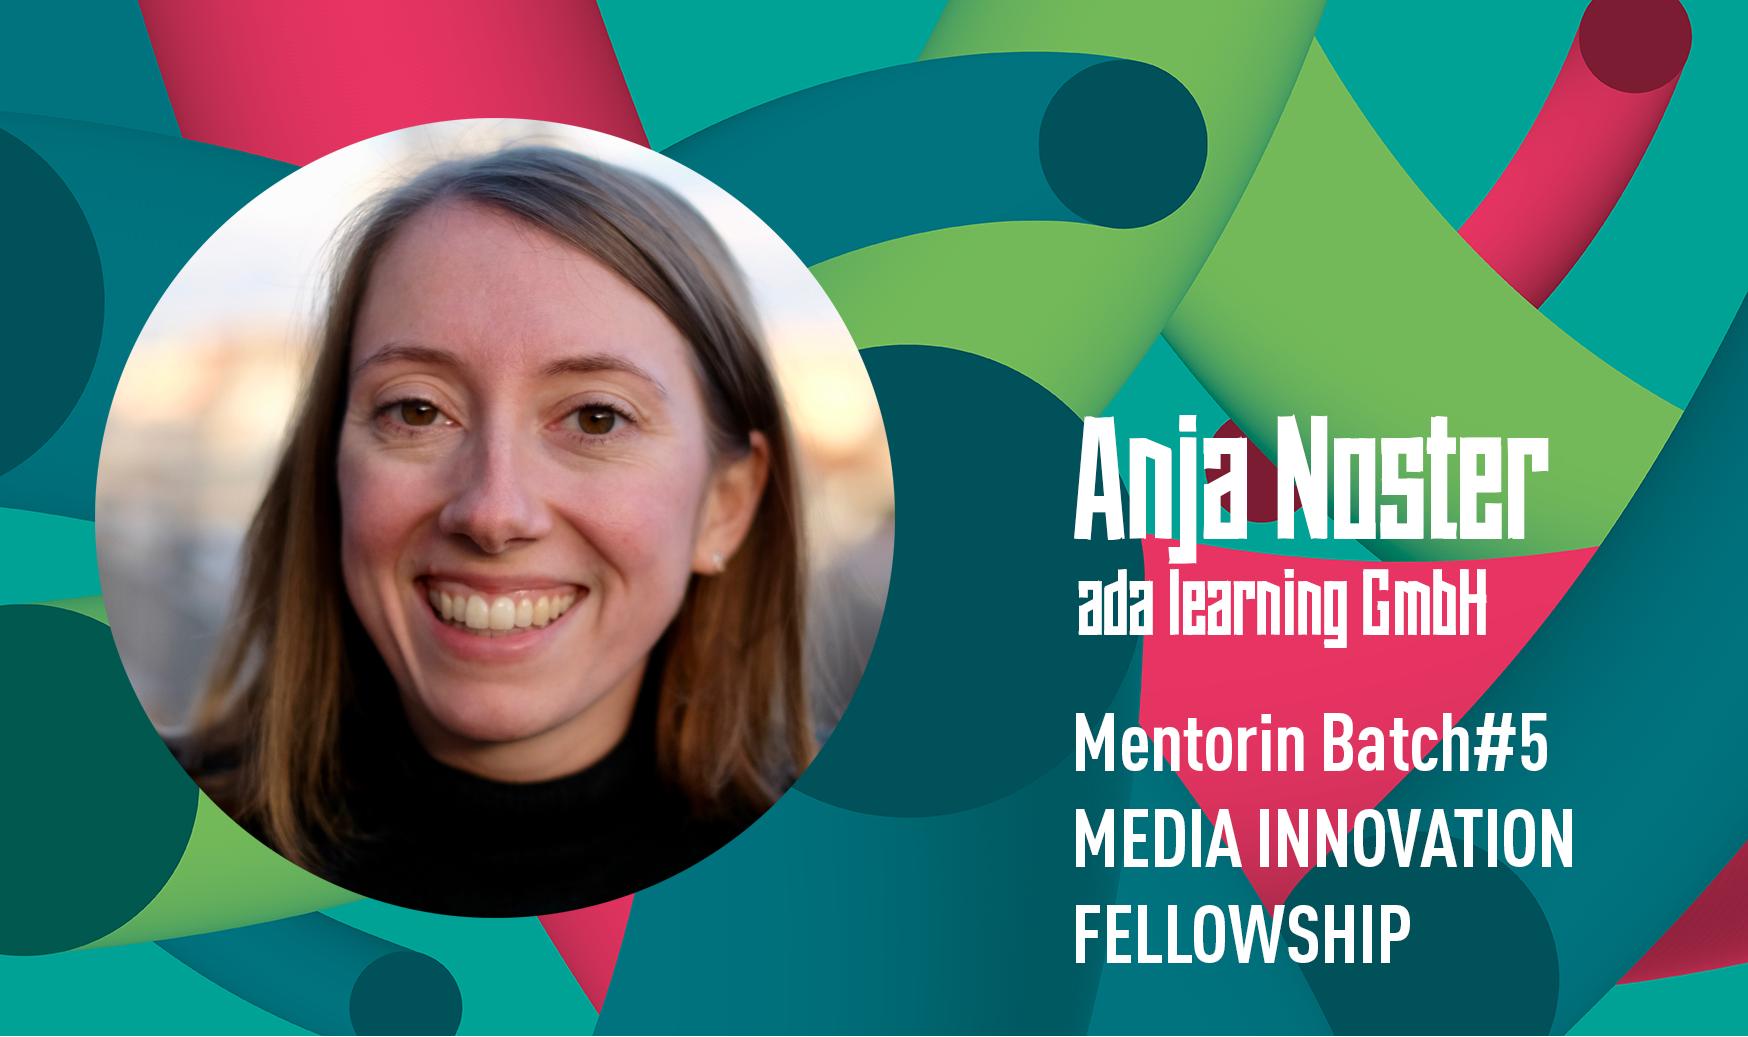 Anja Noster: Mentorin während des Media Innovation Fellowship Batch #5